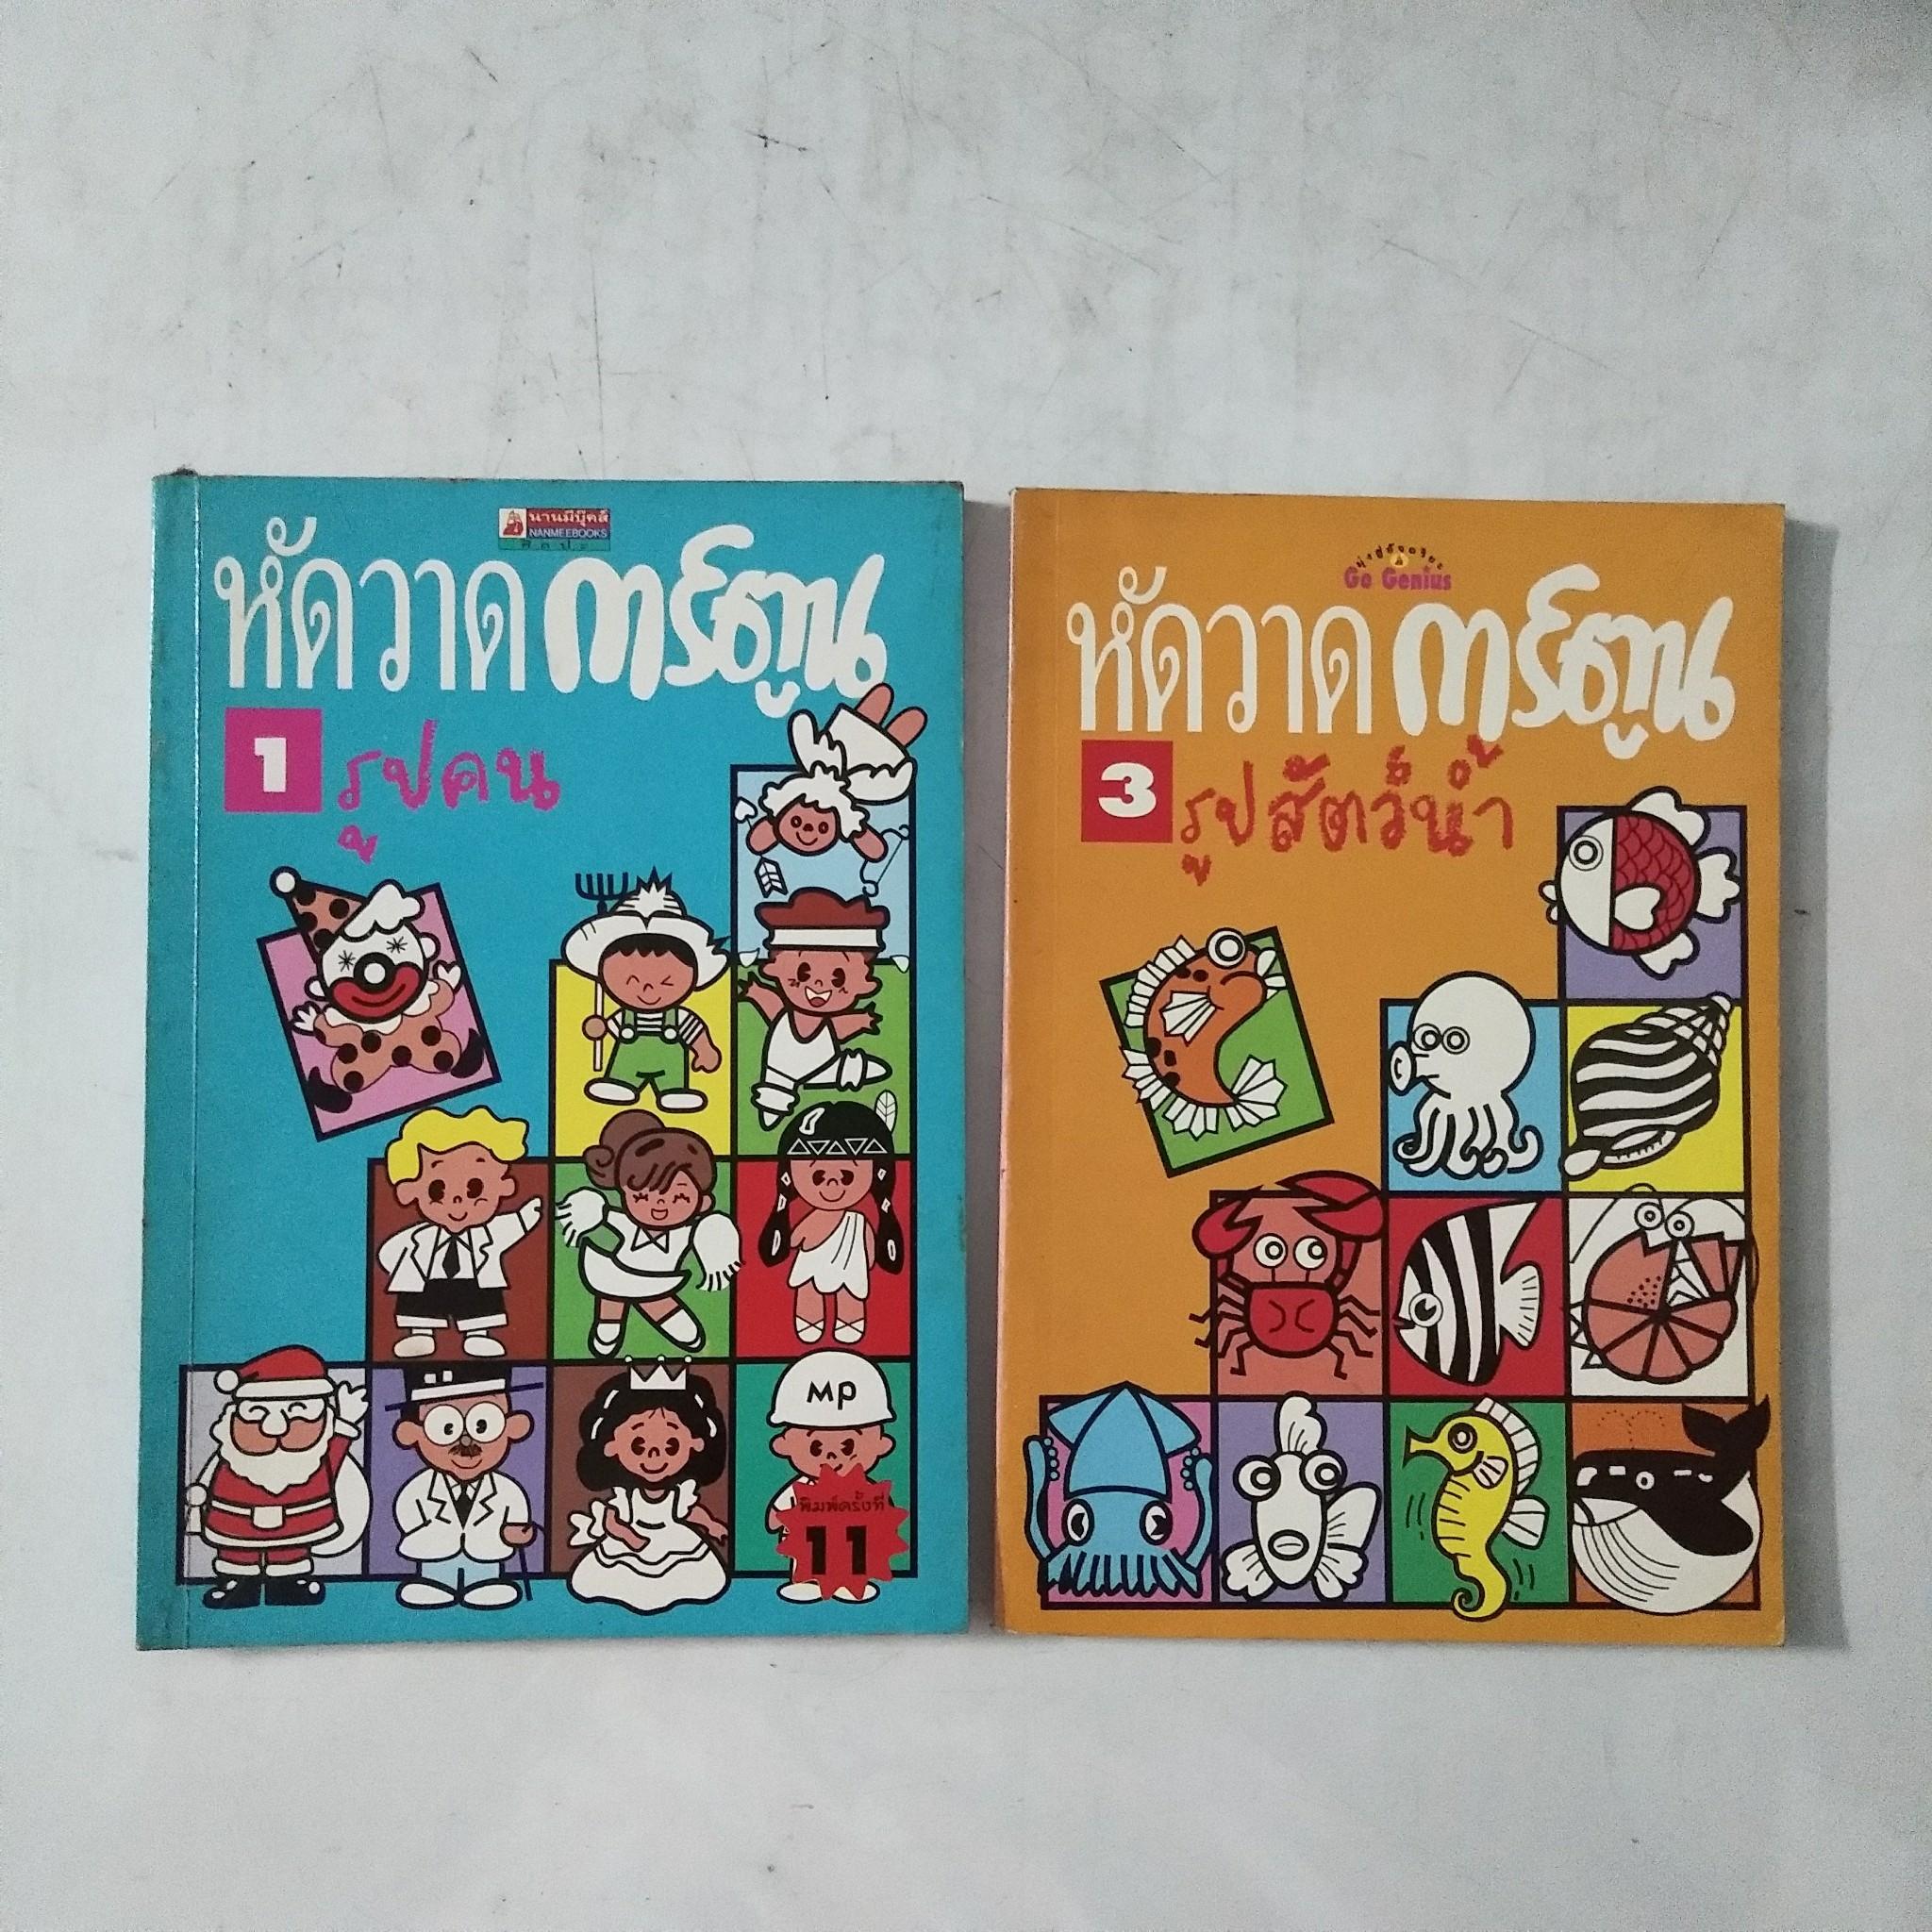 หัดวาดการ์ตูน (เล่มละ 60 เลือกเล่มที่ต้องการในตัวเลือก)